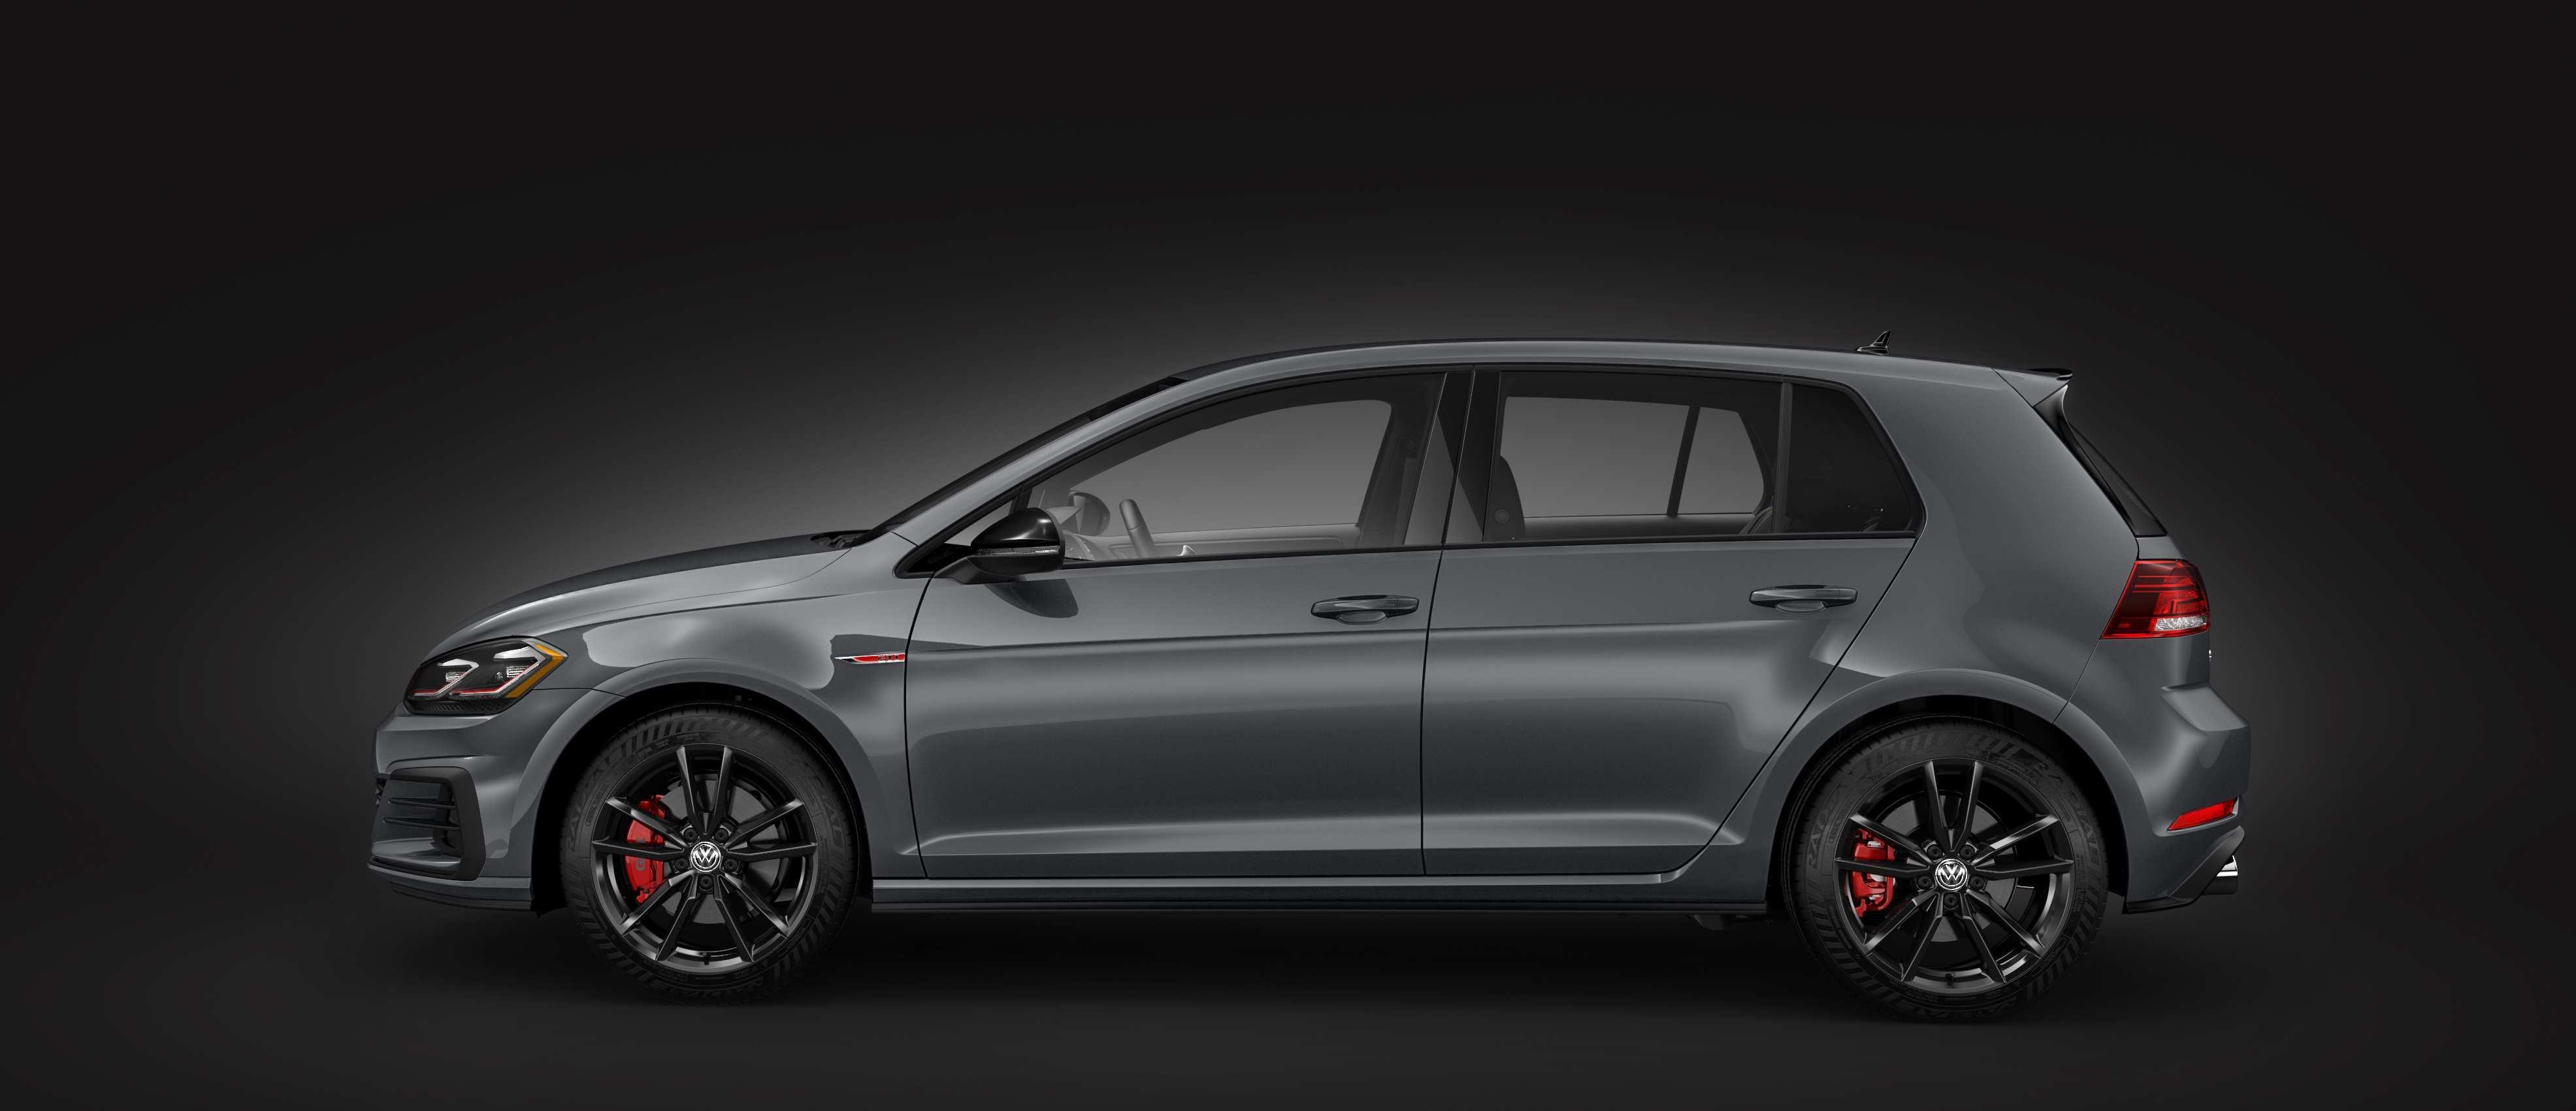 11 Best Review 2020 Volkswagen Gti Rabbit Edition Specs and Review for 2020 Volkswagen Gti Rabbit Edition